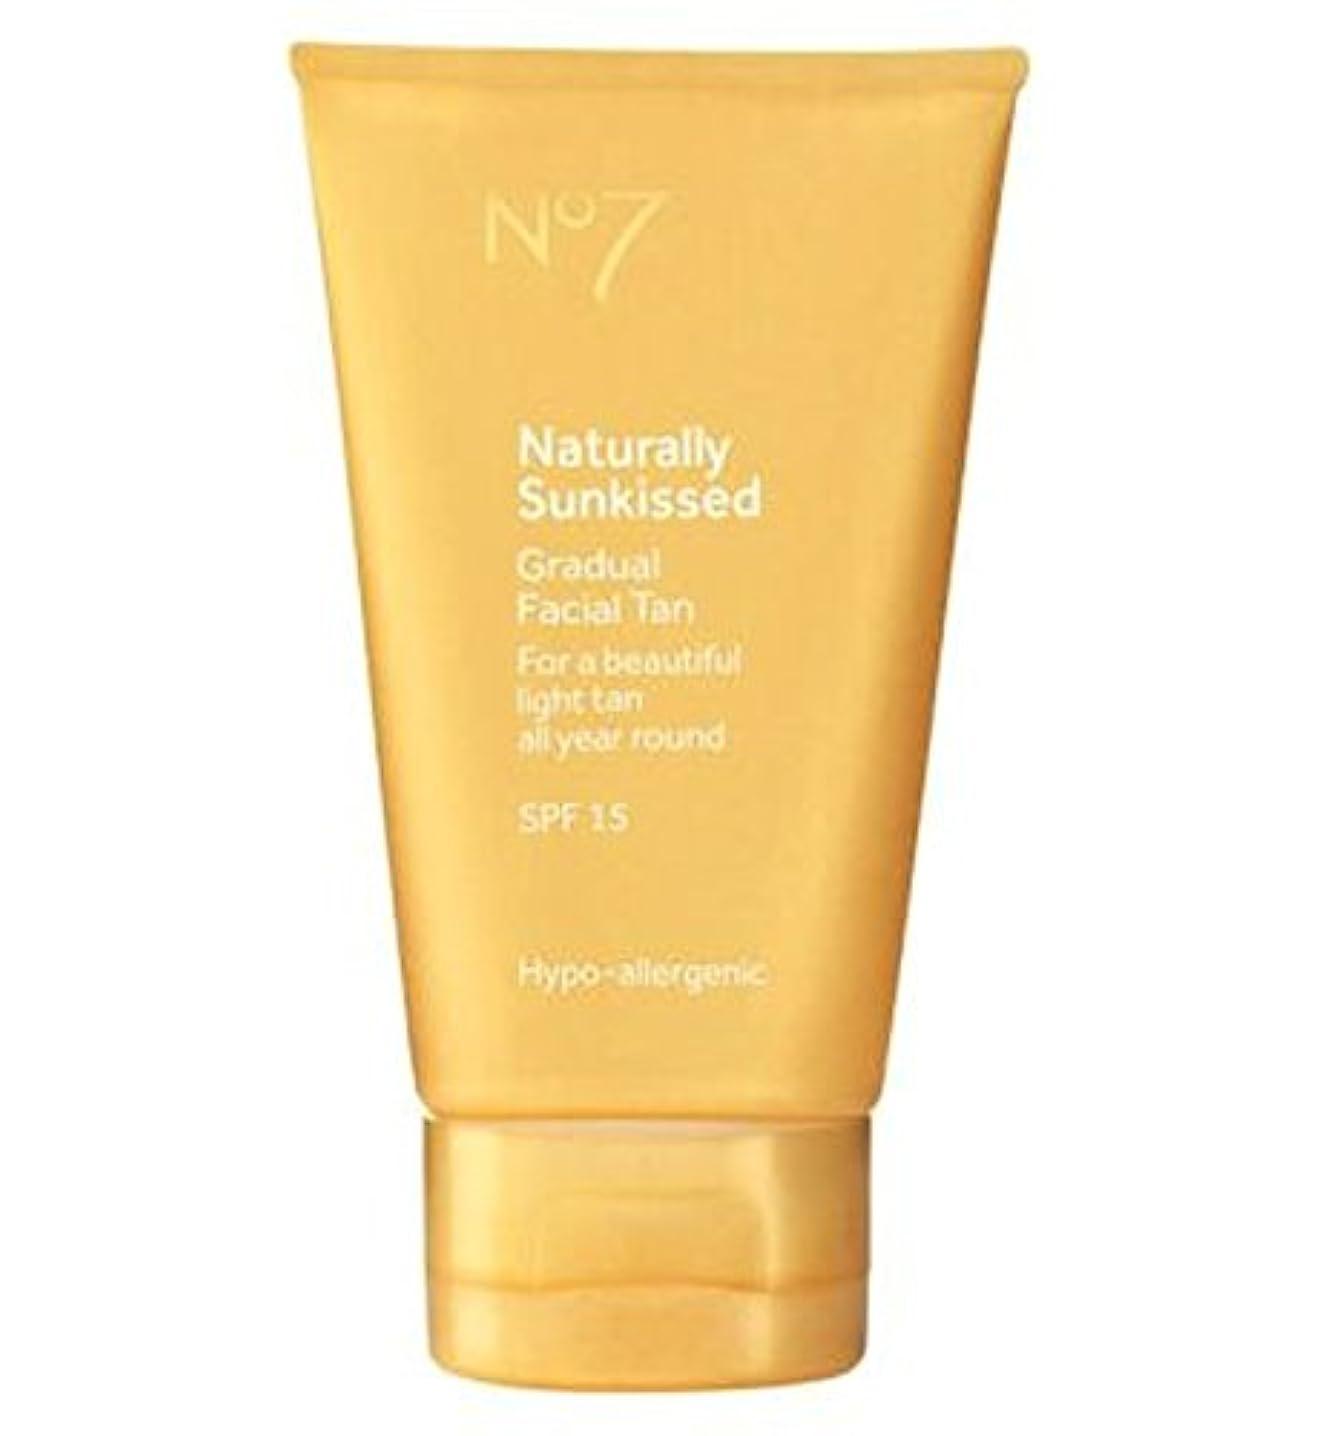 正規化立ち寄る傾いたNo7 Naturally Sun Kissed Gradual Face Tan SP15 - No7は自然に太陽が緩やかな顔日焼けSp15にキスをしました (No7) [並行輸入品]